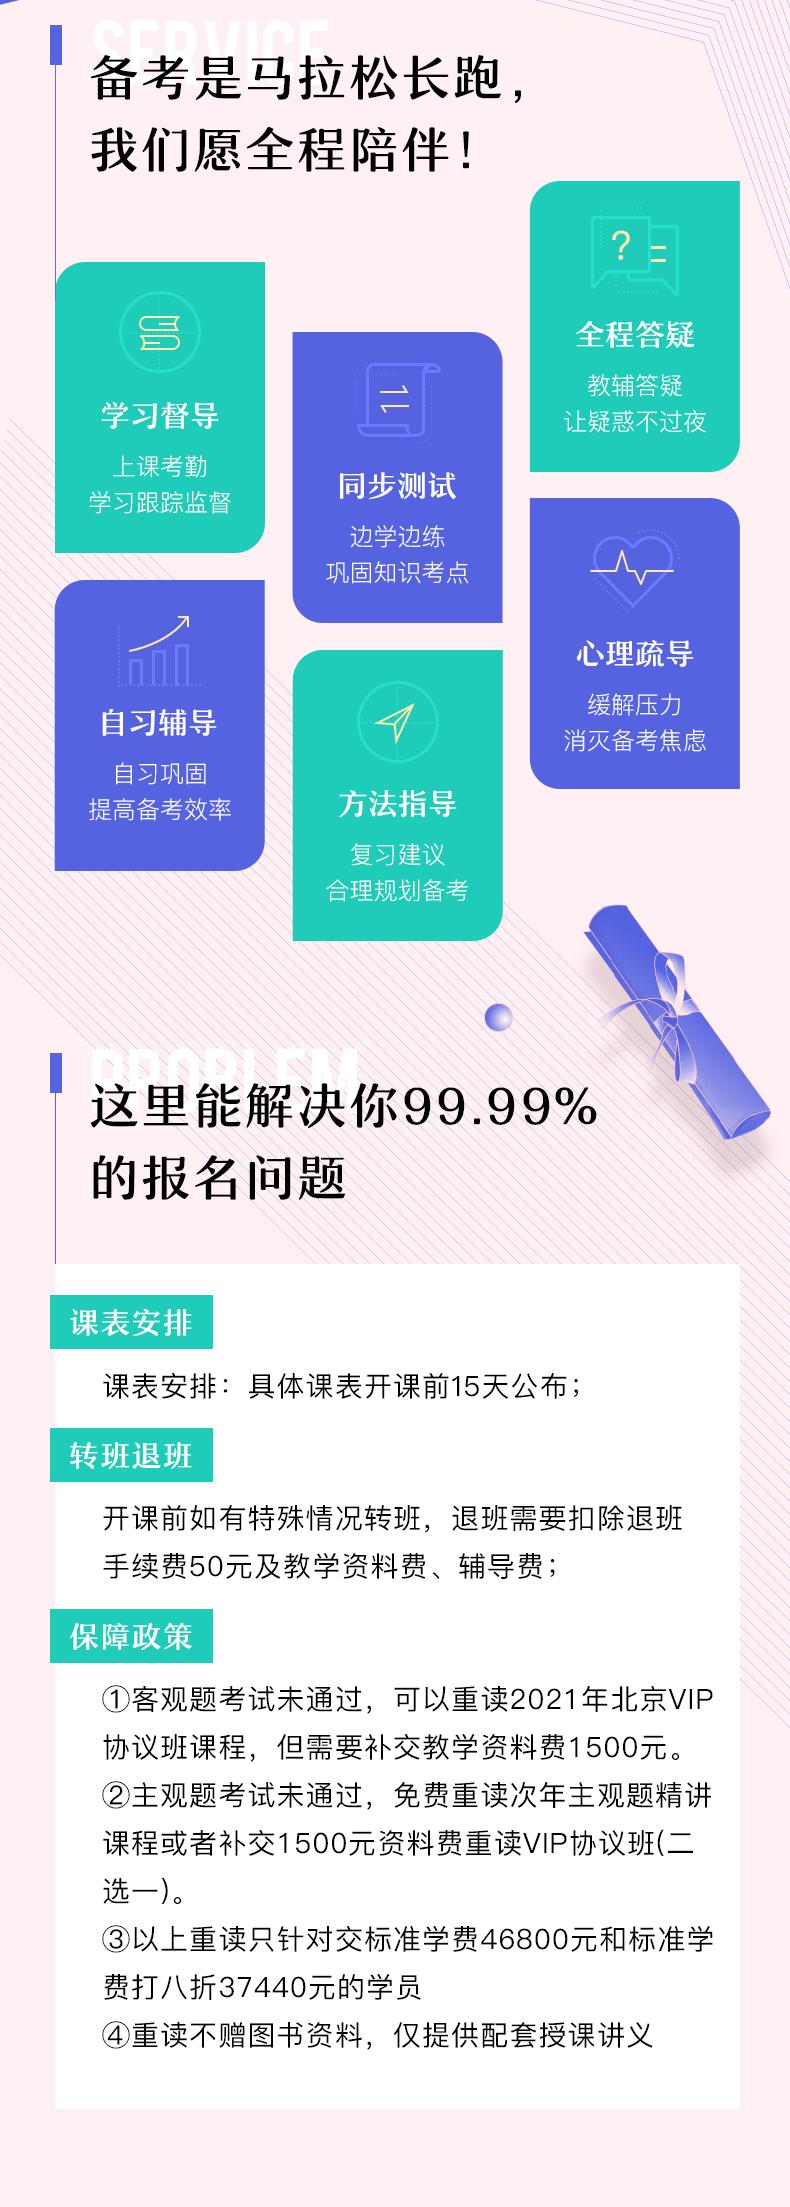 北京vip协议班(1)_03.png